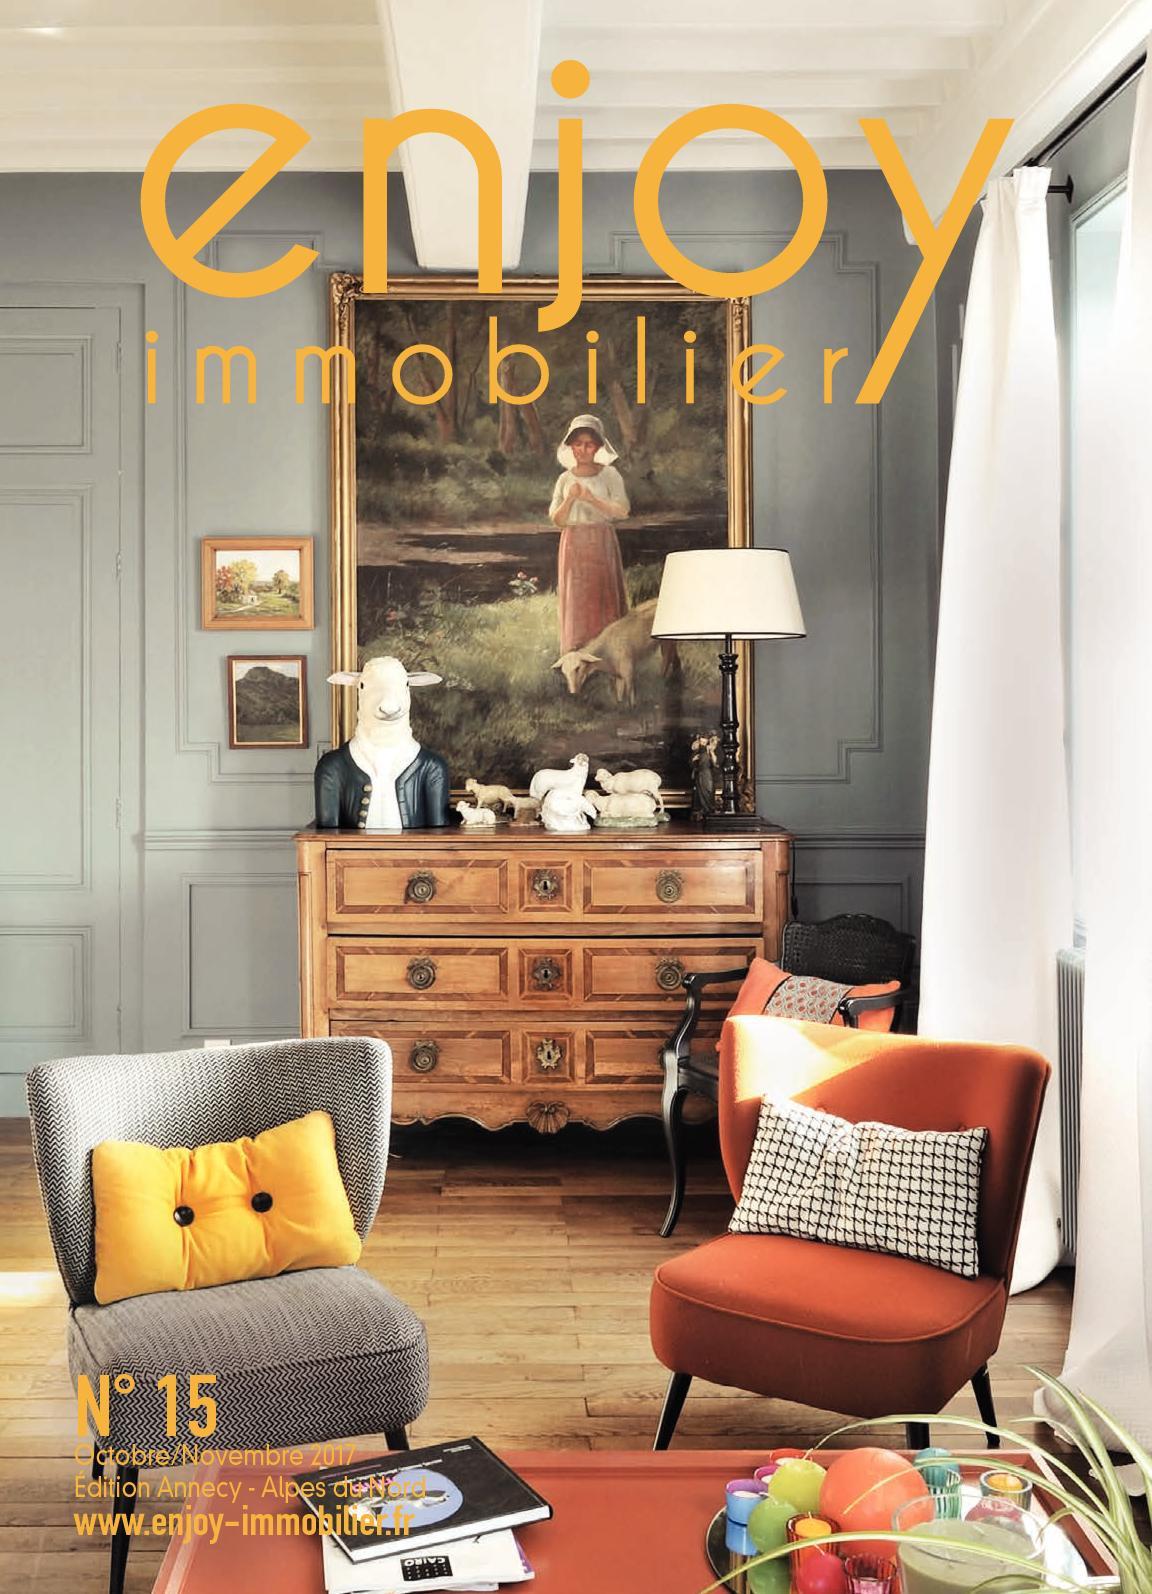 calam o enjoy immobilier annecy alpes du nord n 15 octobre novembre 2017. Black Bedroom Furniture Sets. Home Design Ideas